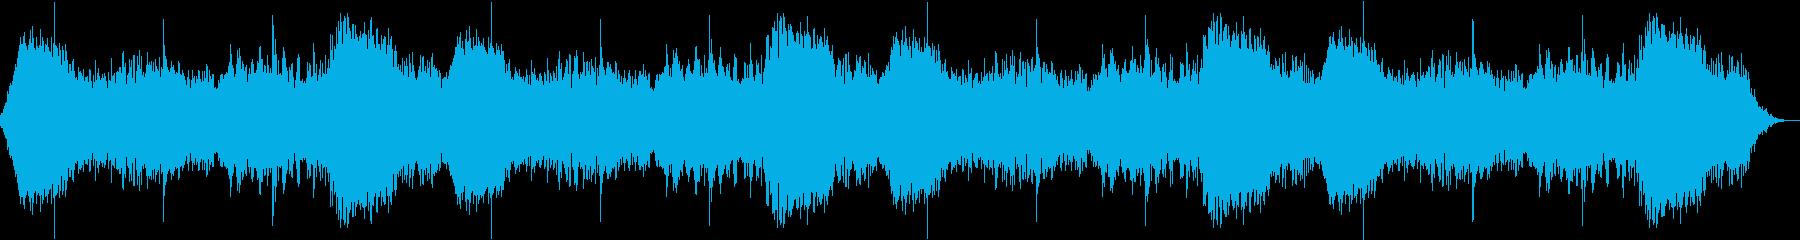 偏頭痛を和らげてくれるヒーリング音楽の再生済みの波形